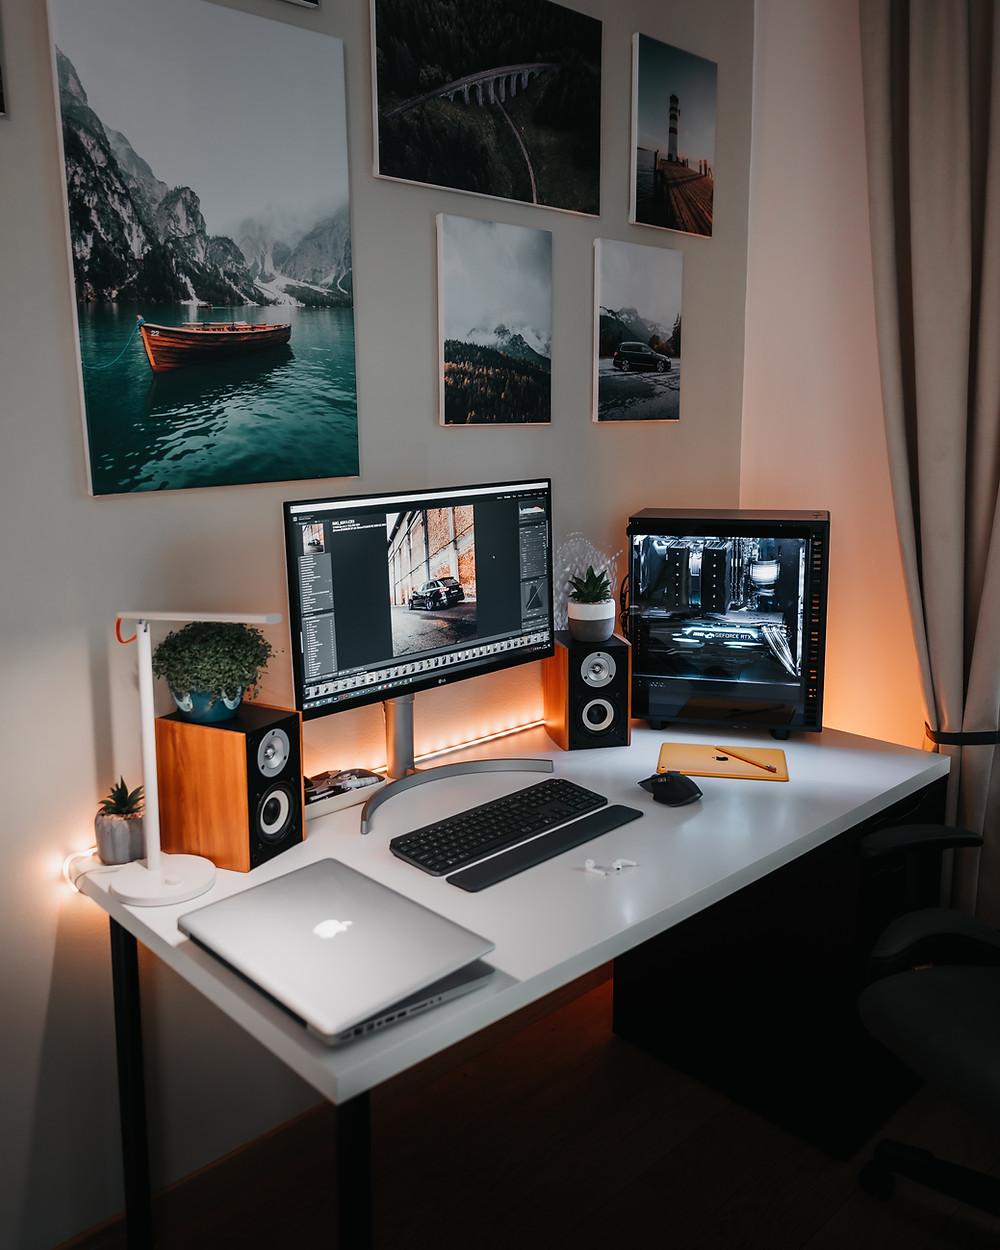 טיפים לעיצוב סביבת העבודה הביתית